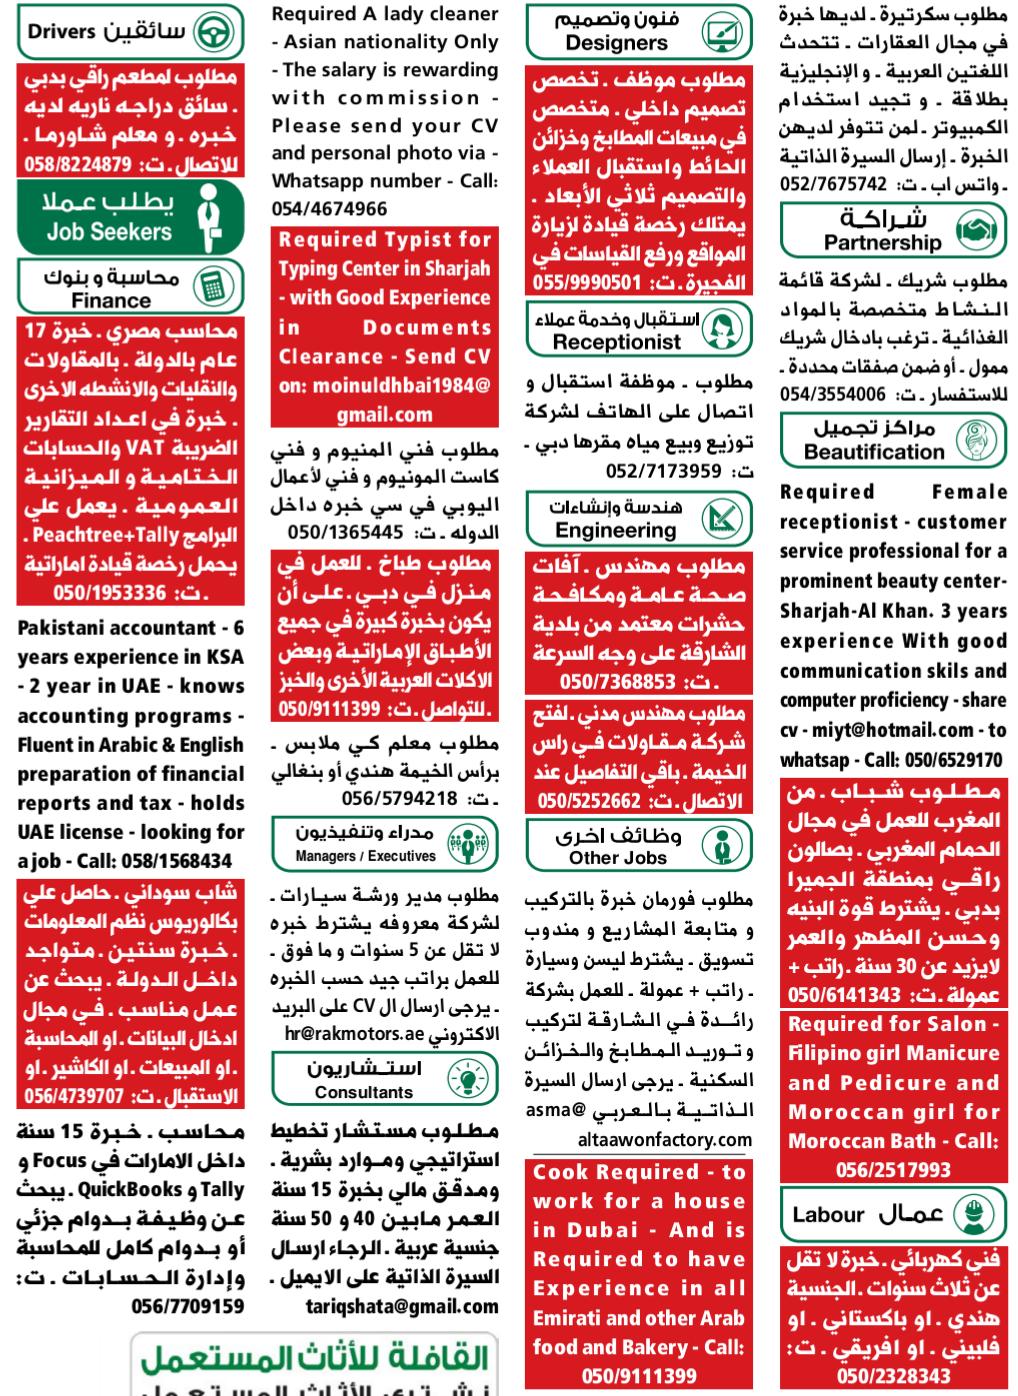 وظائف الوسيط الامارات pdf اليوم 20/2/2021 6